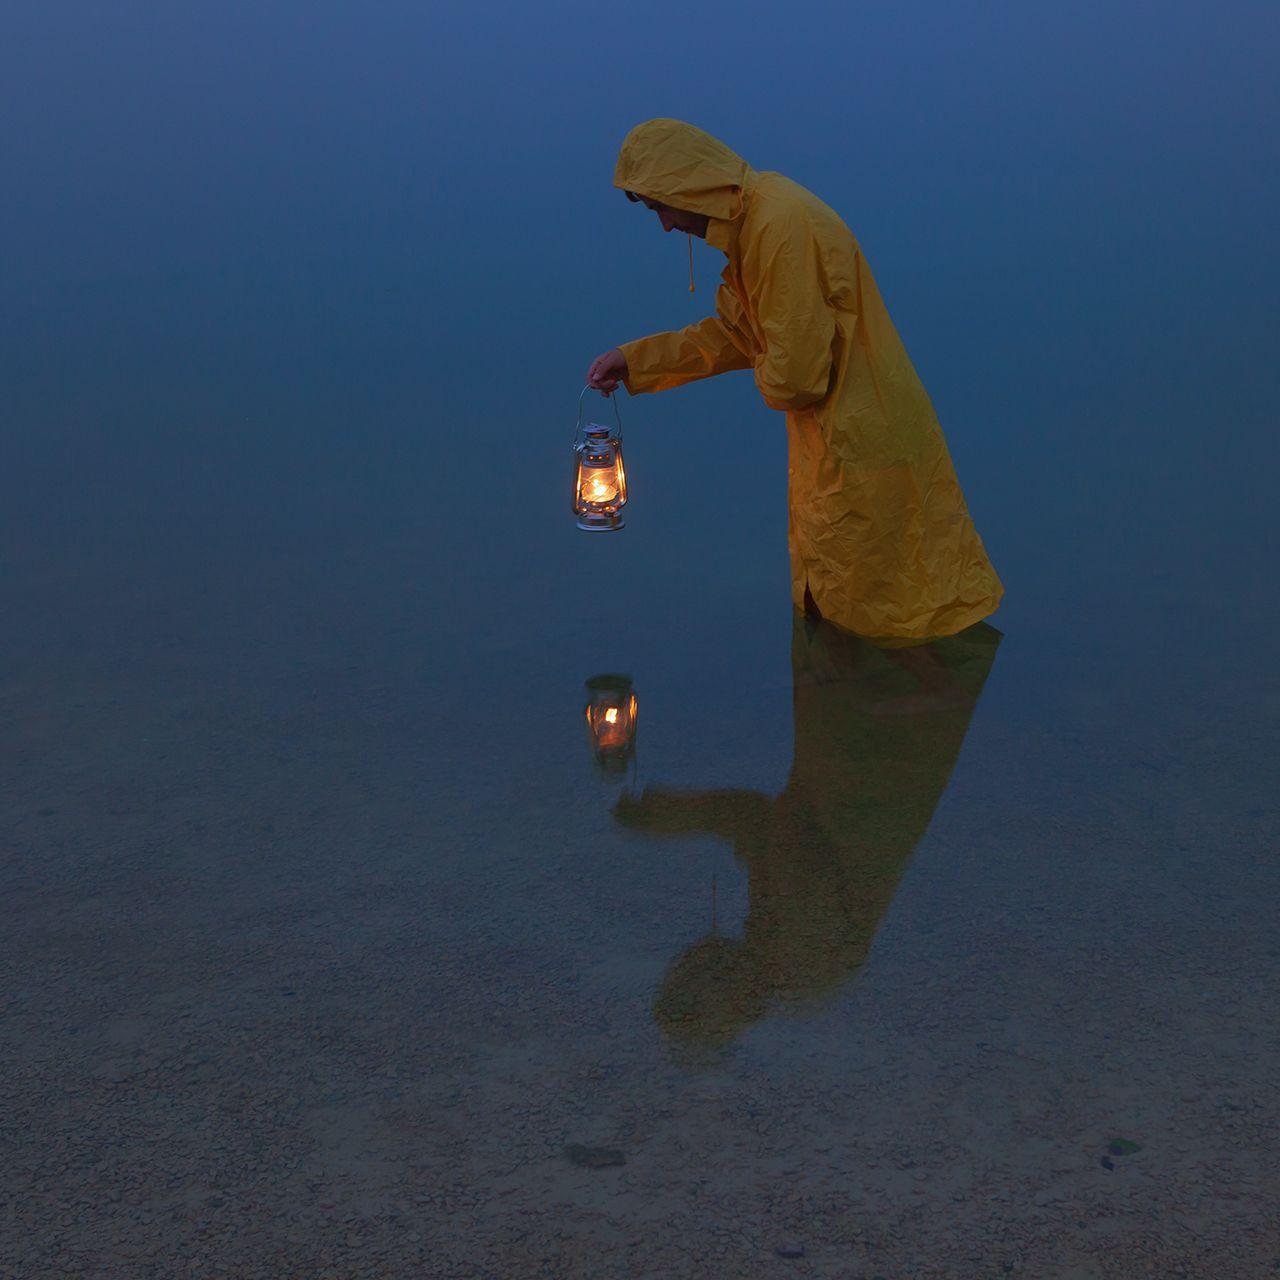 Поиски себя керосиновая лампа озеро желтый дождевик